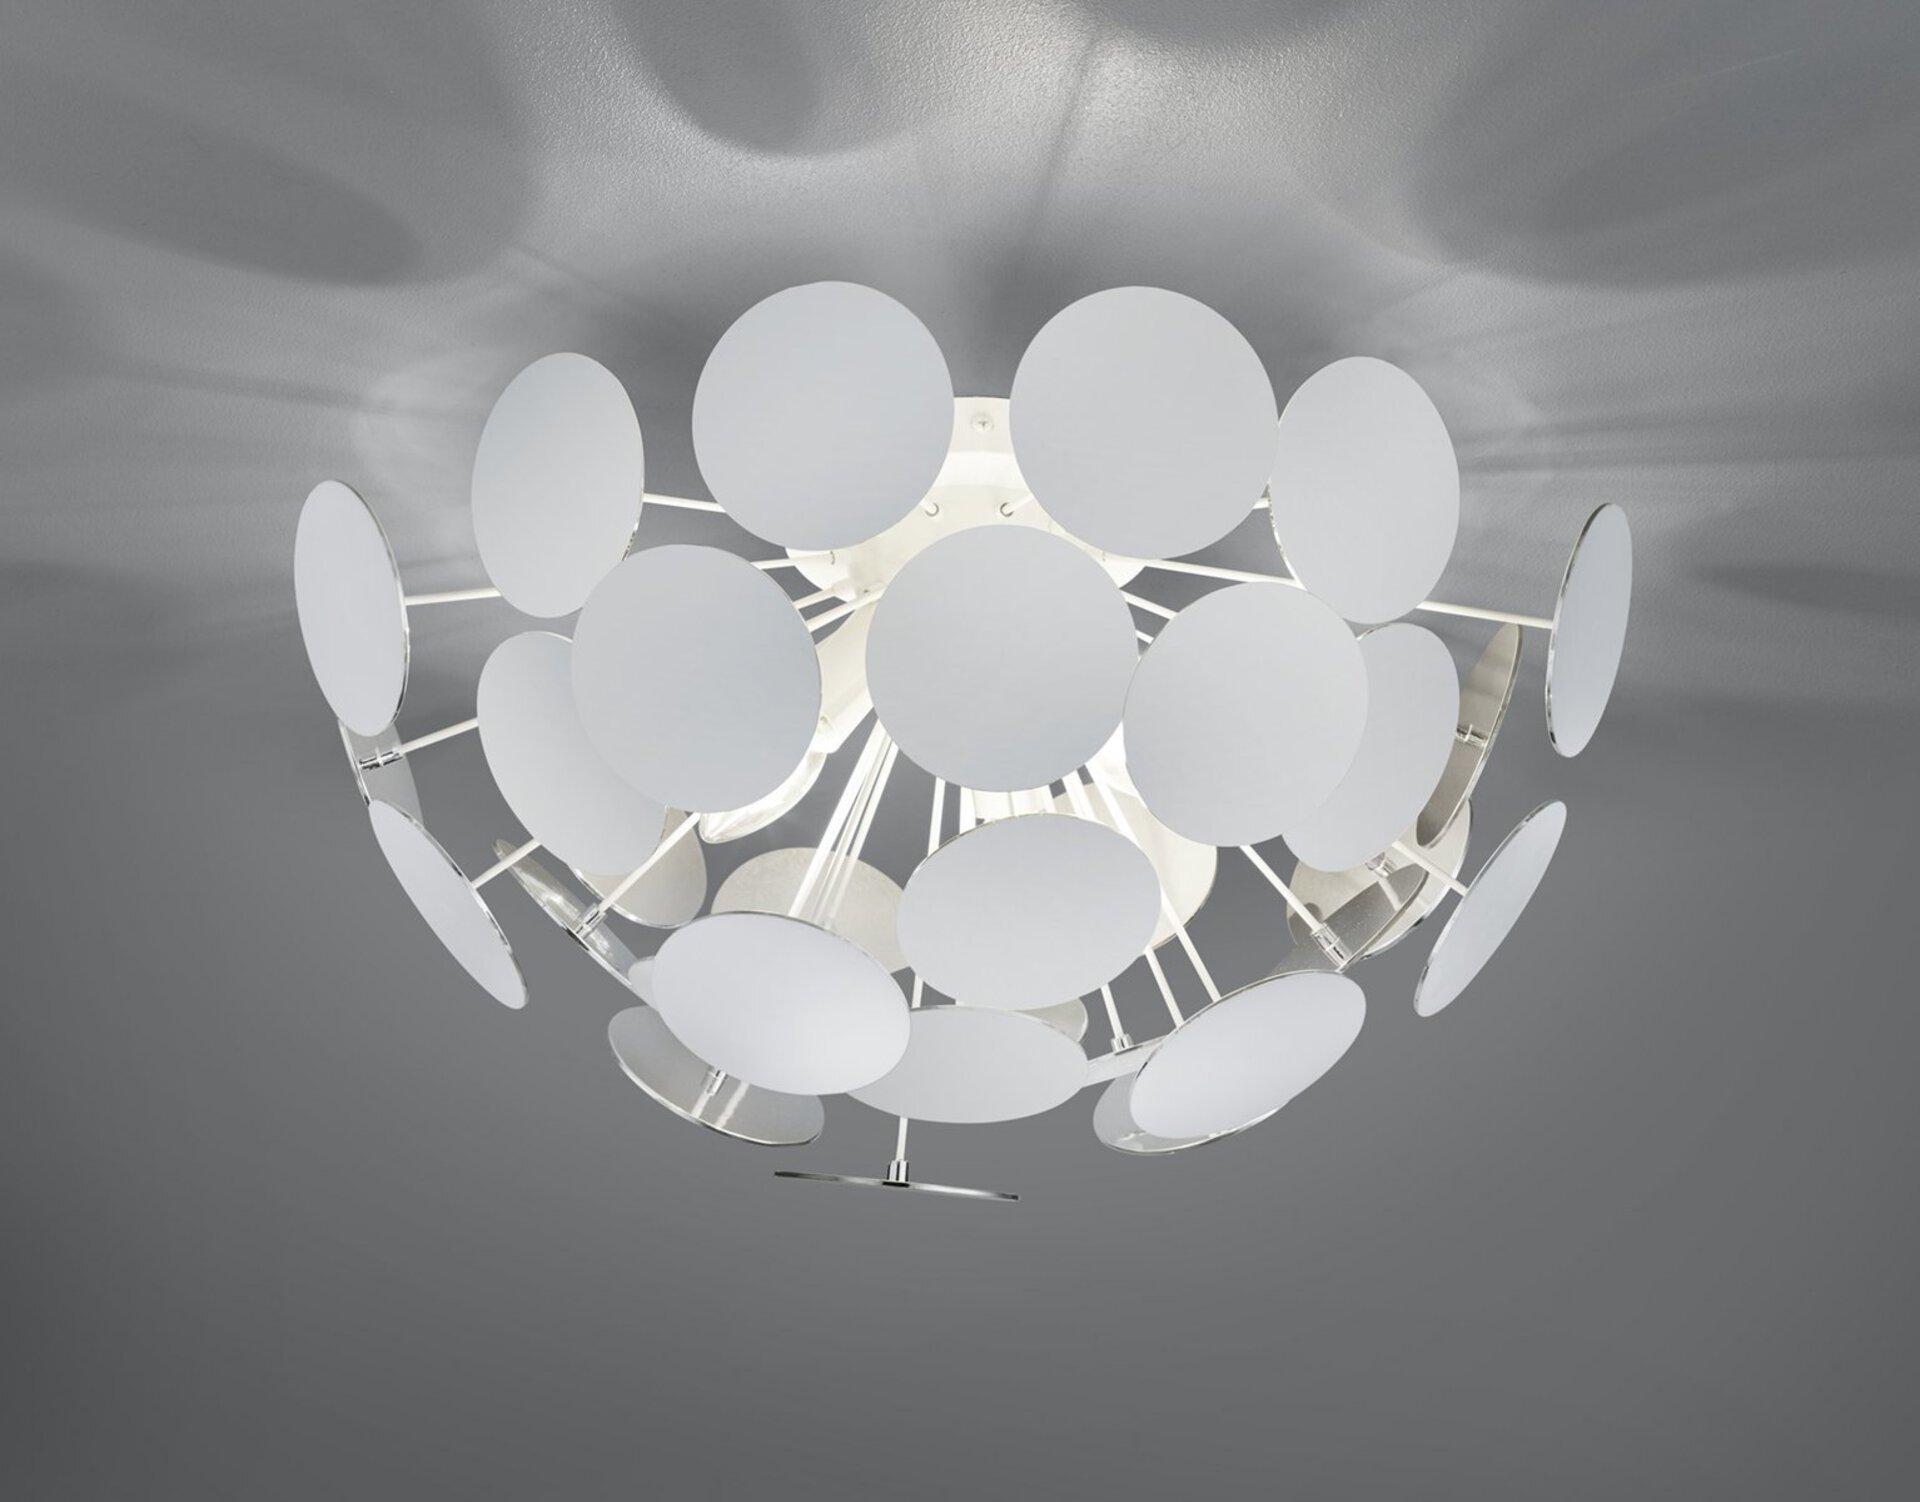 Deckenleuchte Discalgo Trio Leuchten Metall silber 54 x 30 x 54 cm